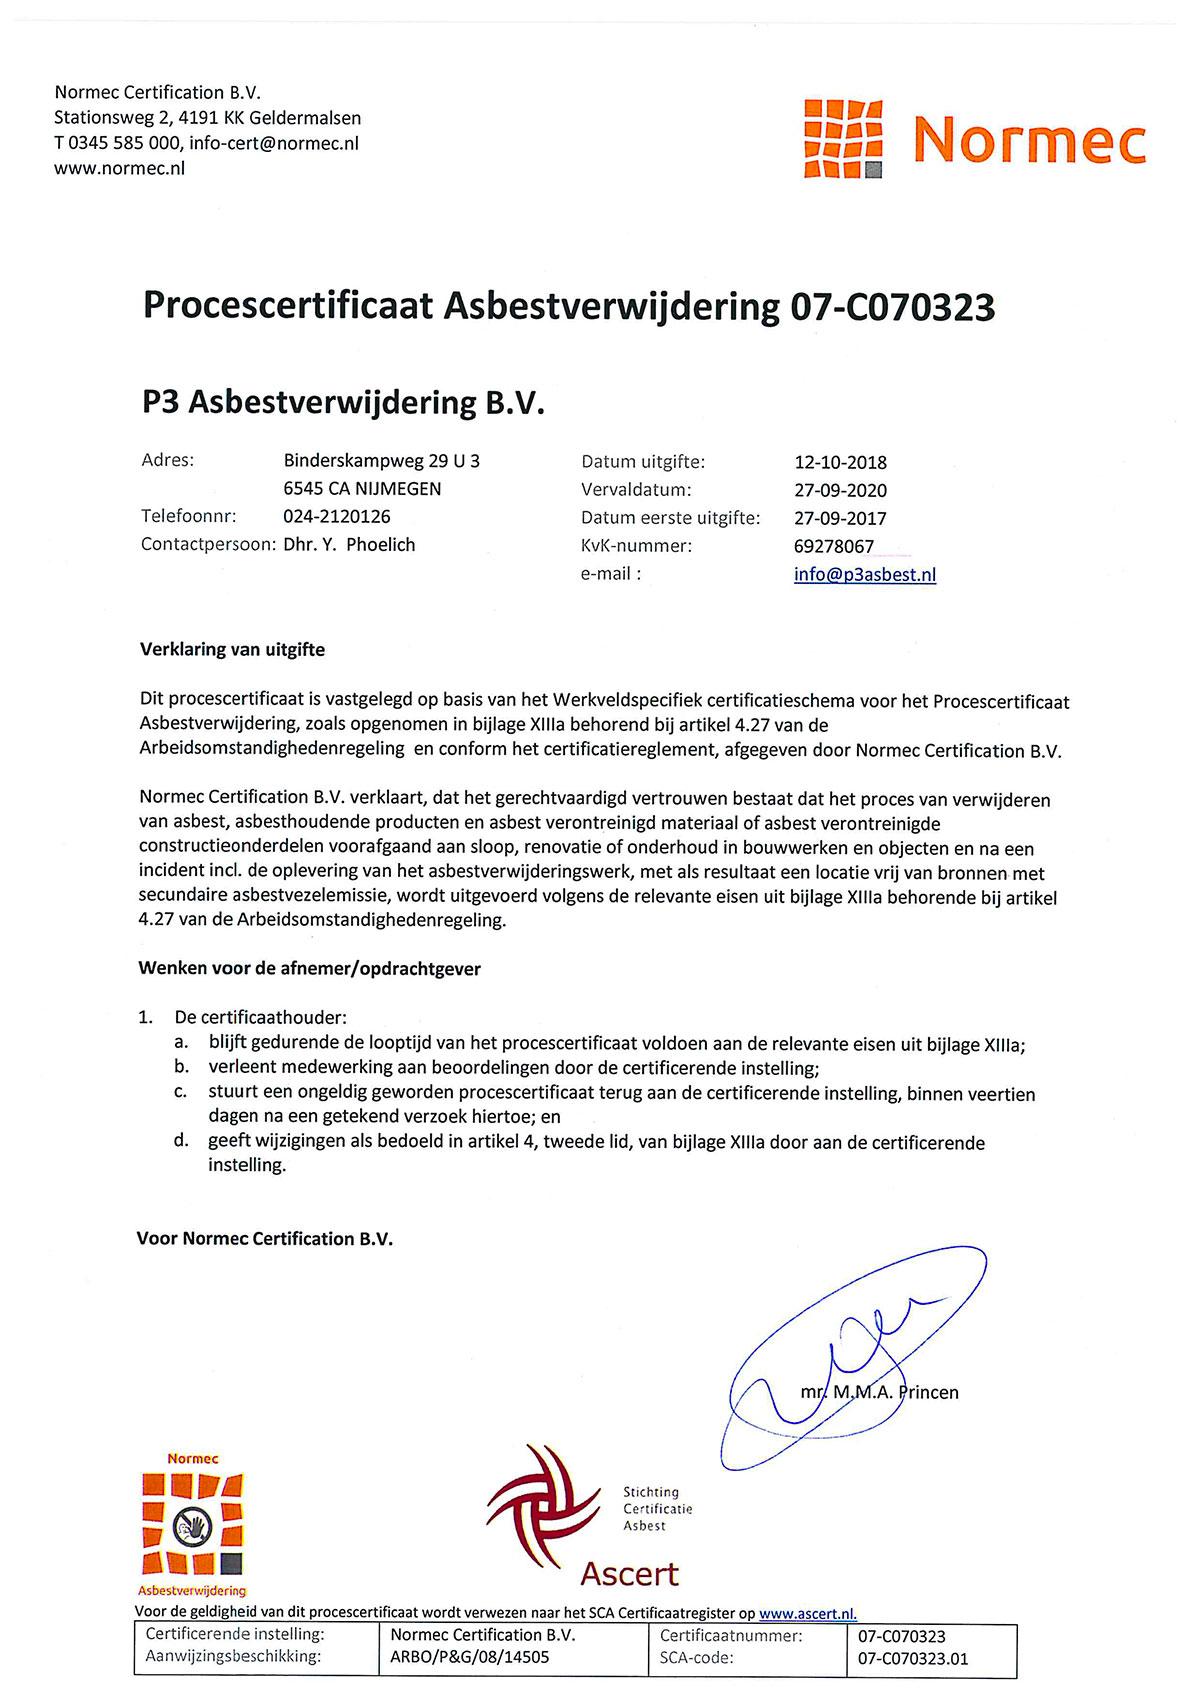 Normec certificering | P3 Asbestverwijdering BV